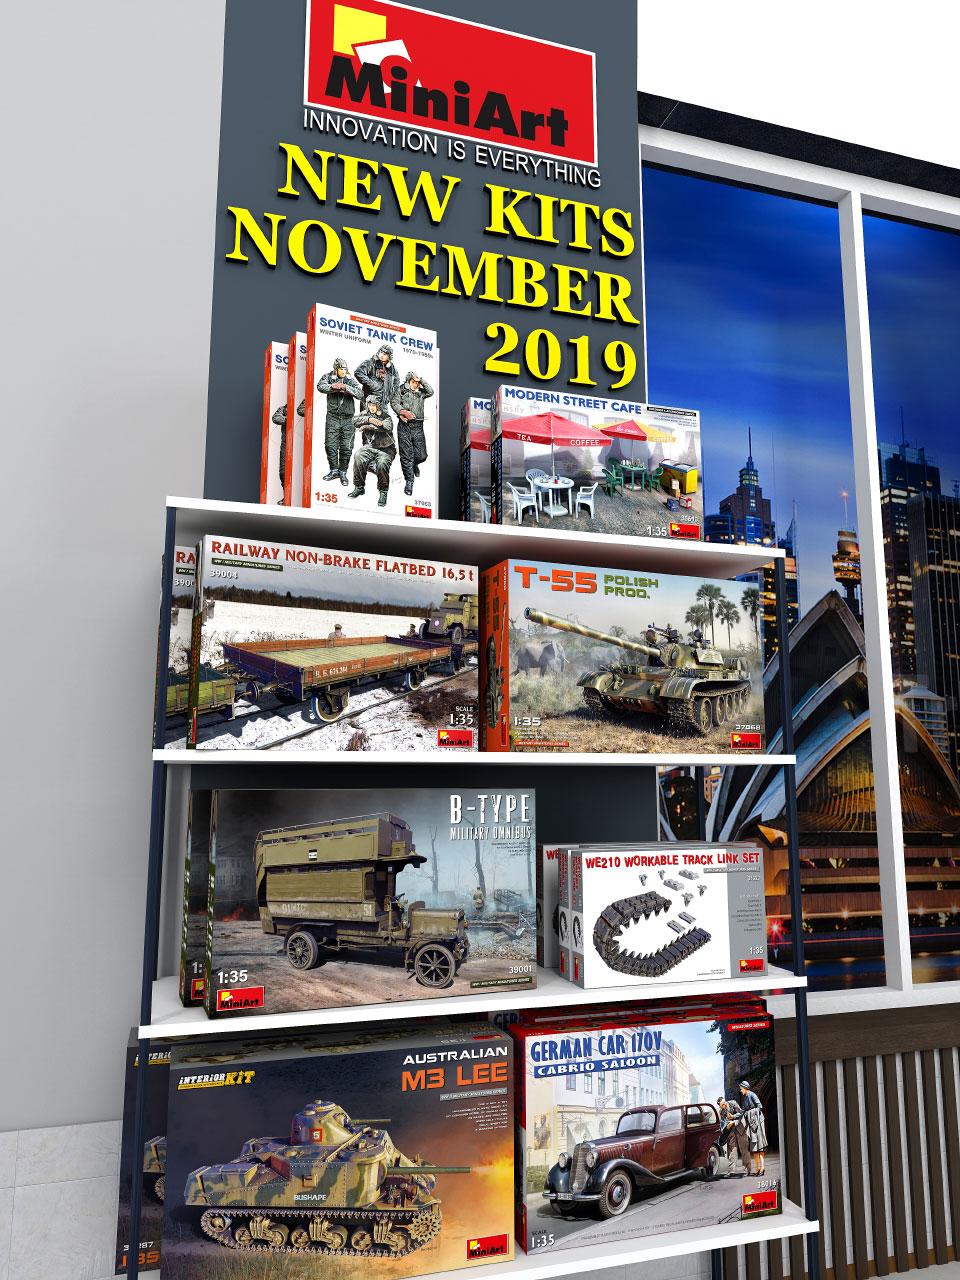 New MiniArt's Kits Available November 2019